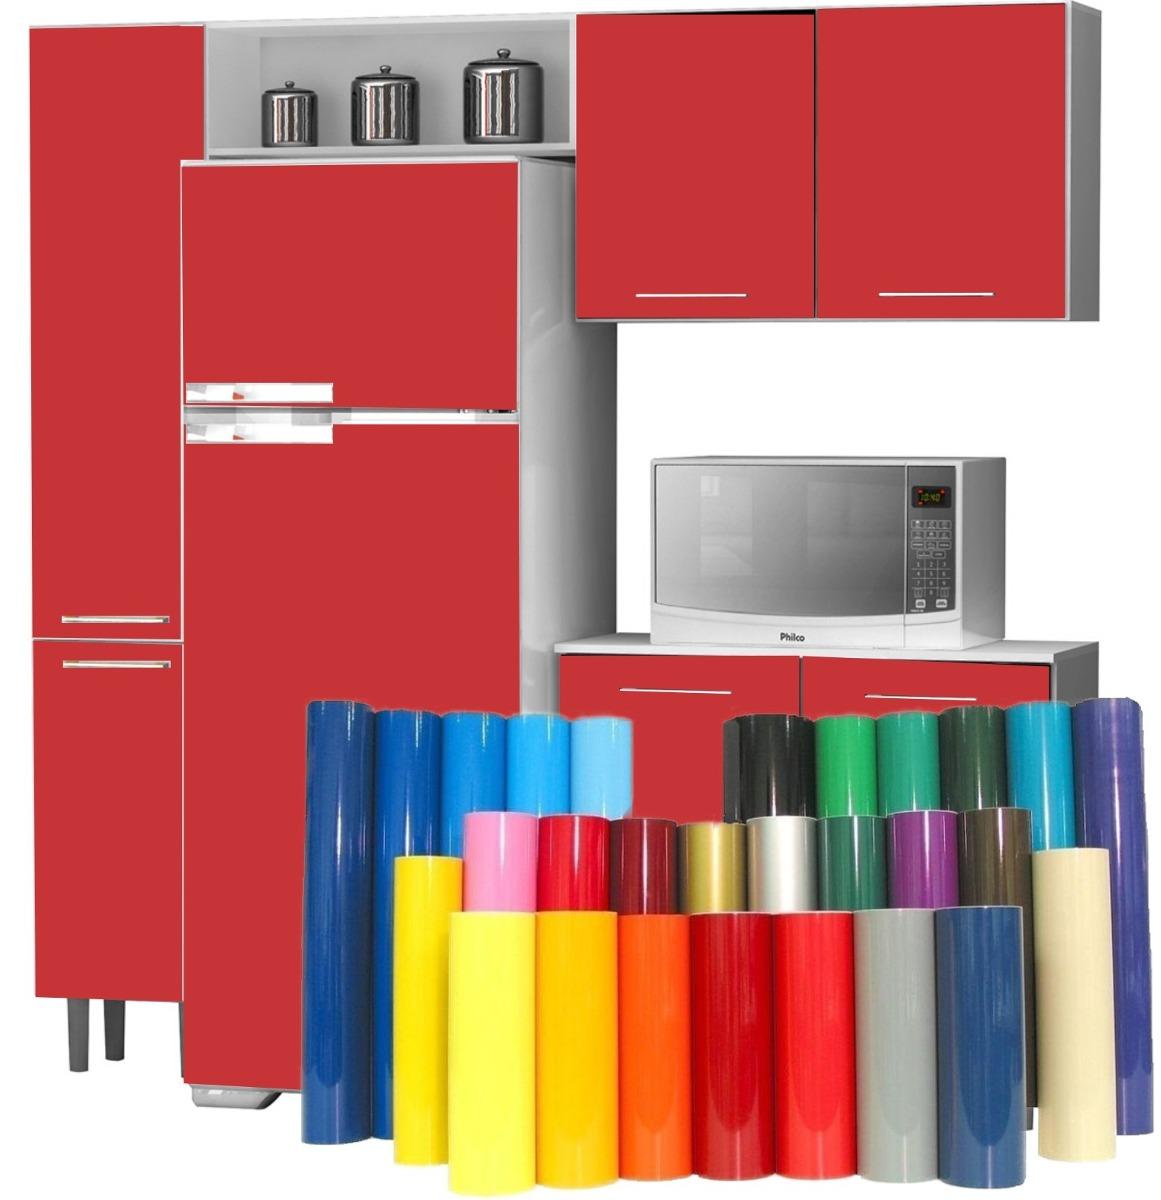 Adesivo De Unha Impresso Passo A Passo ~ Adesivo Decorativo Geladeira Parede Móveis Colorido Qualidad R$ 14,90 em Mercado Livre